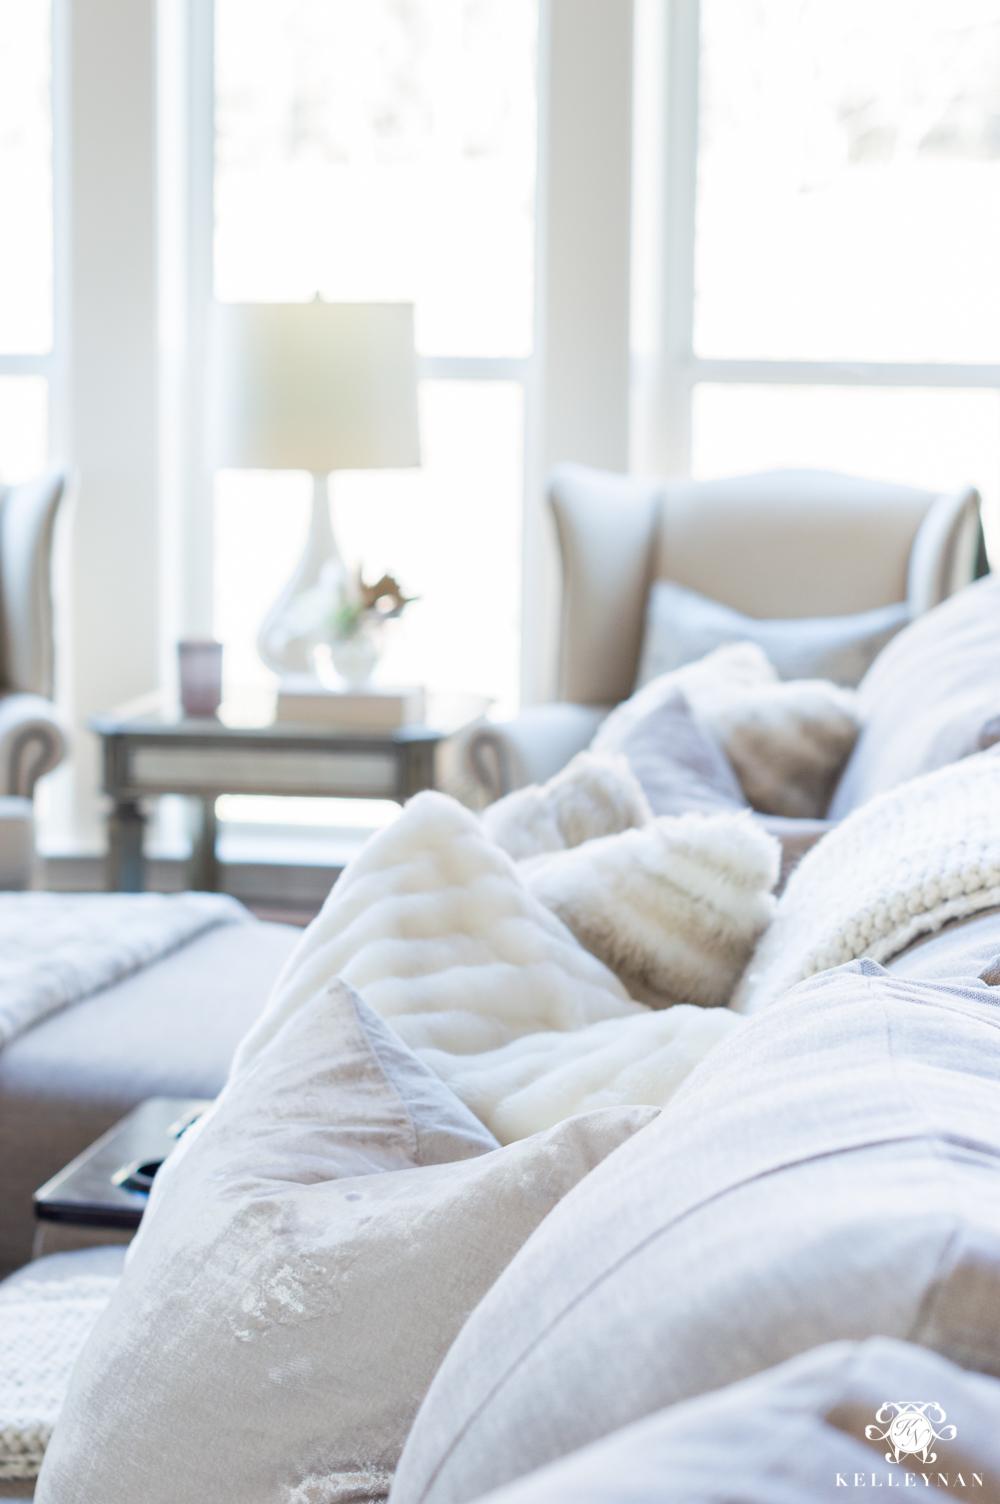 Fur pillows for winter sofa decor